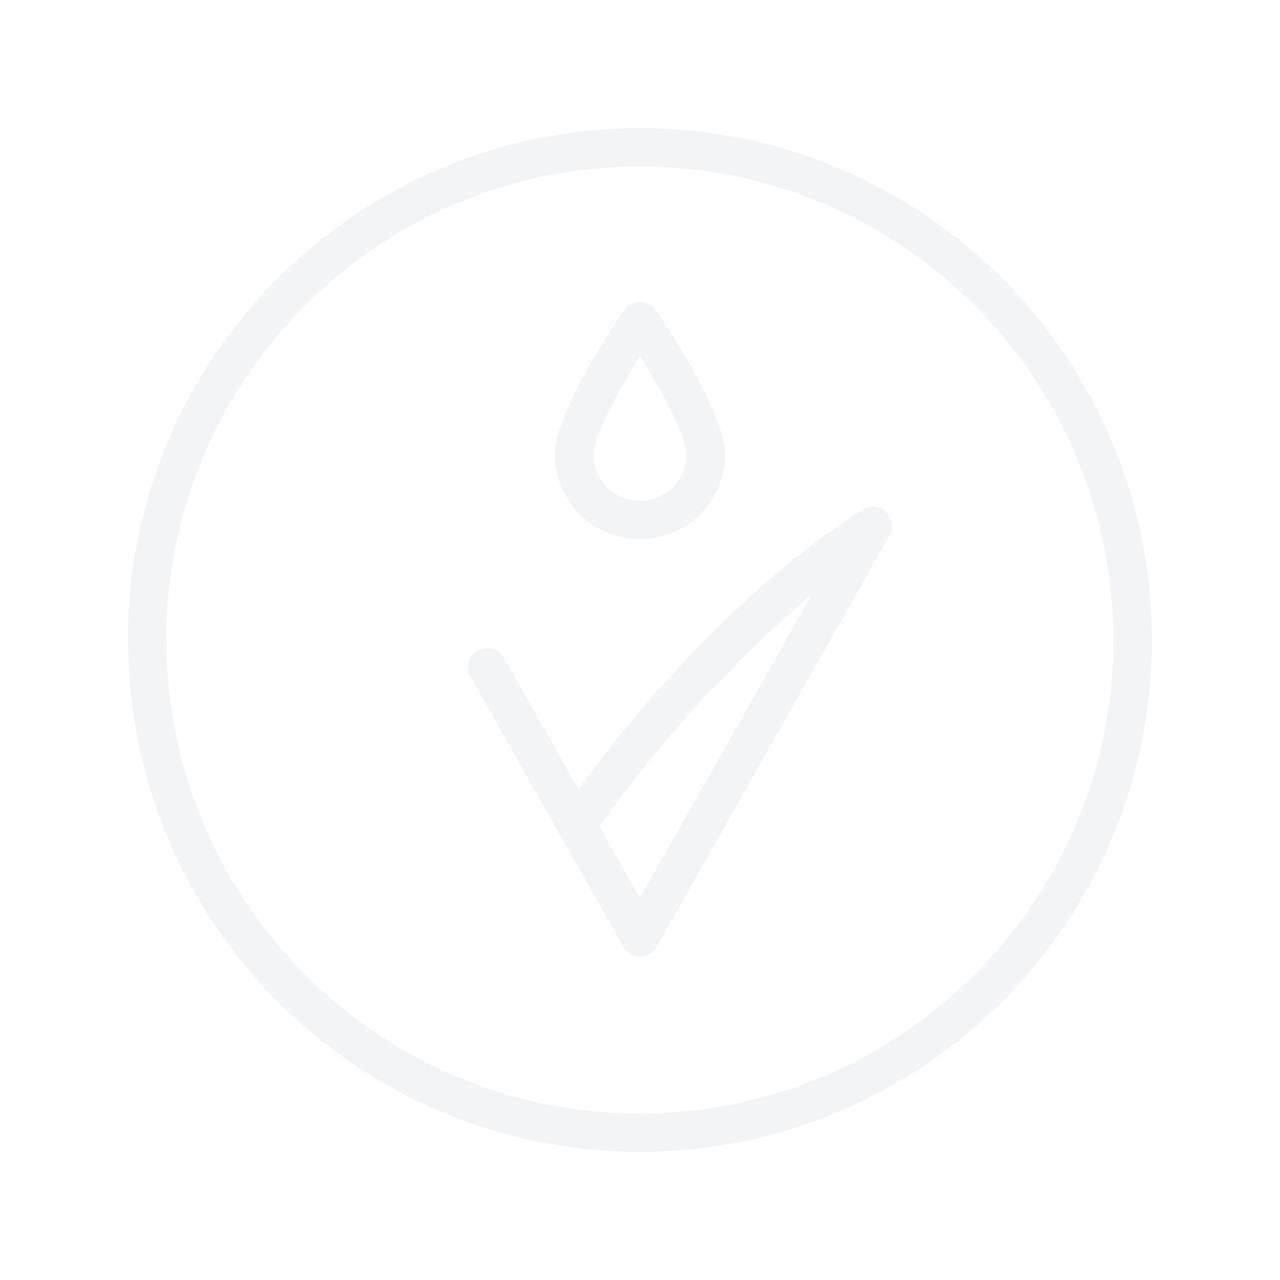 DECLEOR Aromessence Magnolia Night Balm 15g  ночной крем-бальзам для лица